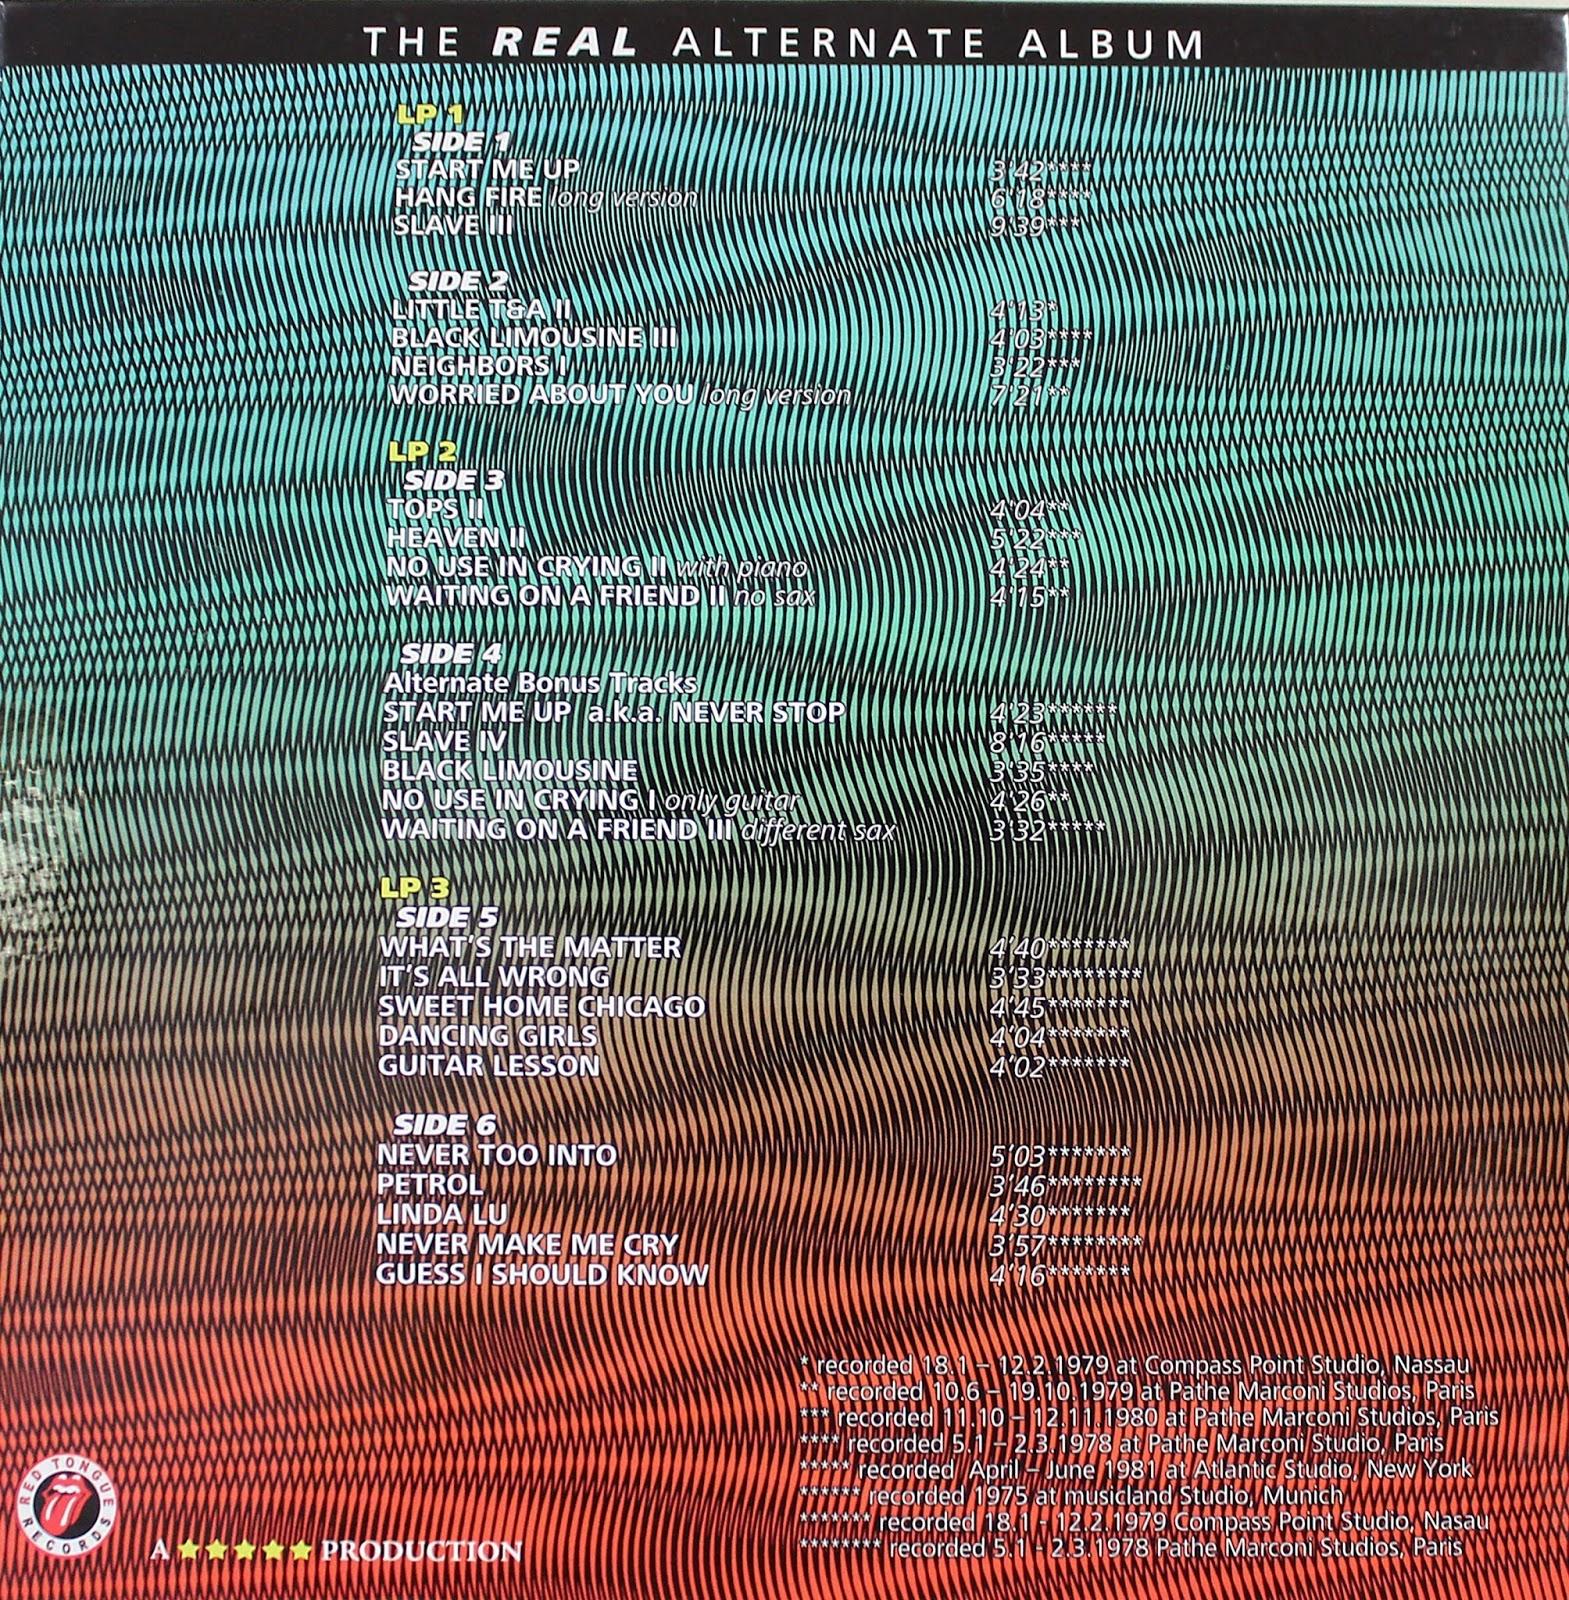 Reliquary Rolling Stones The Real Alternate Album